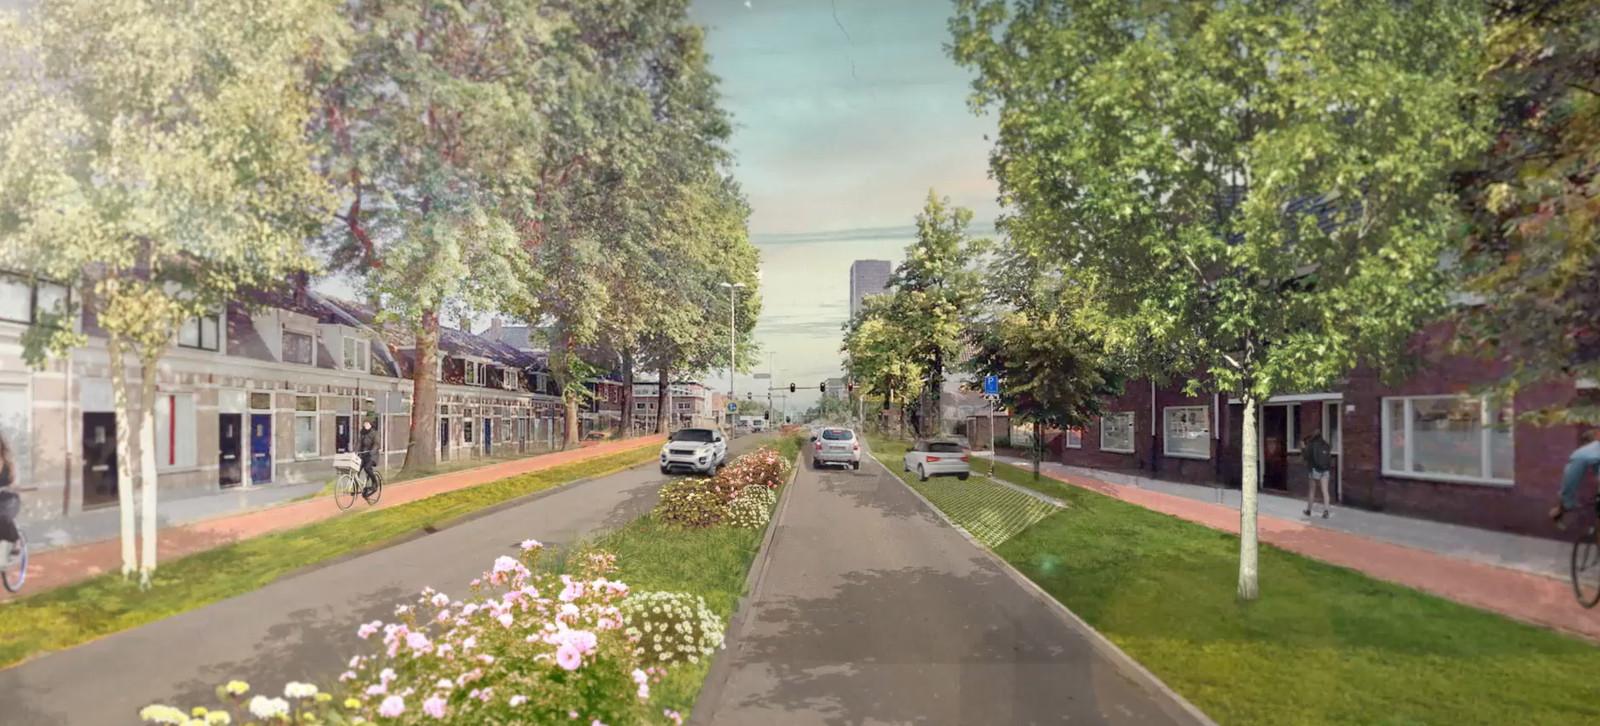 Hoe de Ringbaan-West zou kunnen worden. Wensbeeld van de gemeente.